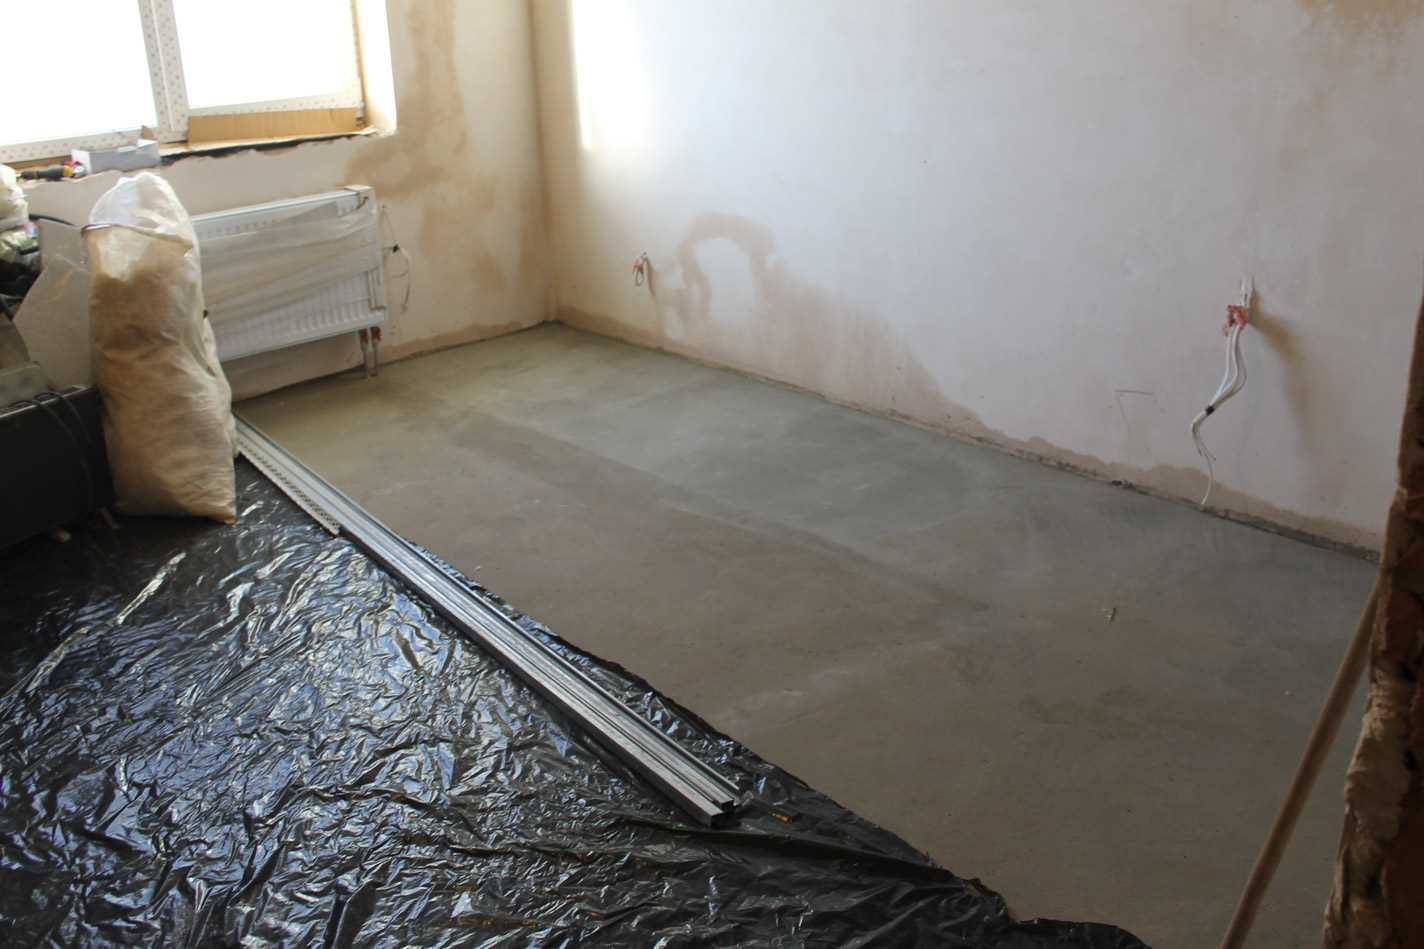 пример гидроизоляции пола квартиры оклеечным способом перед стяжкой